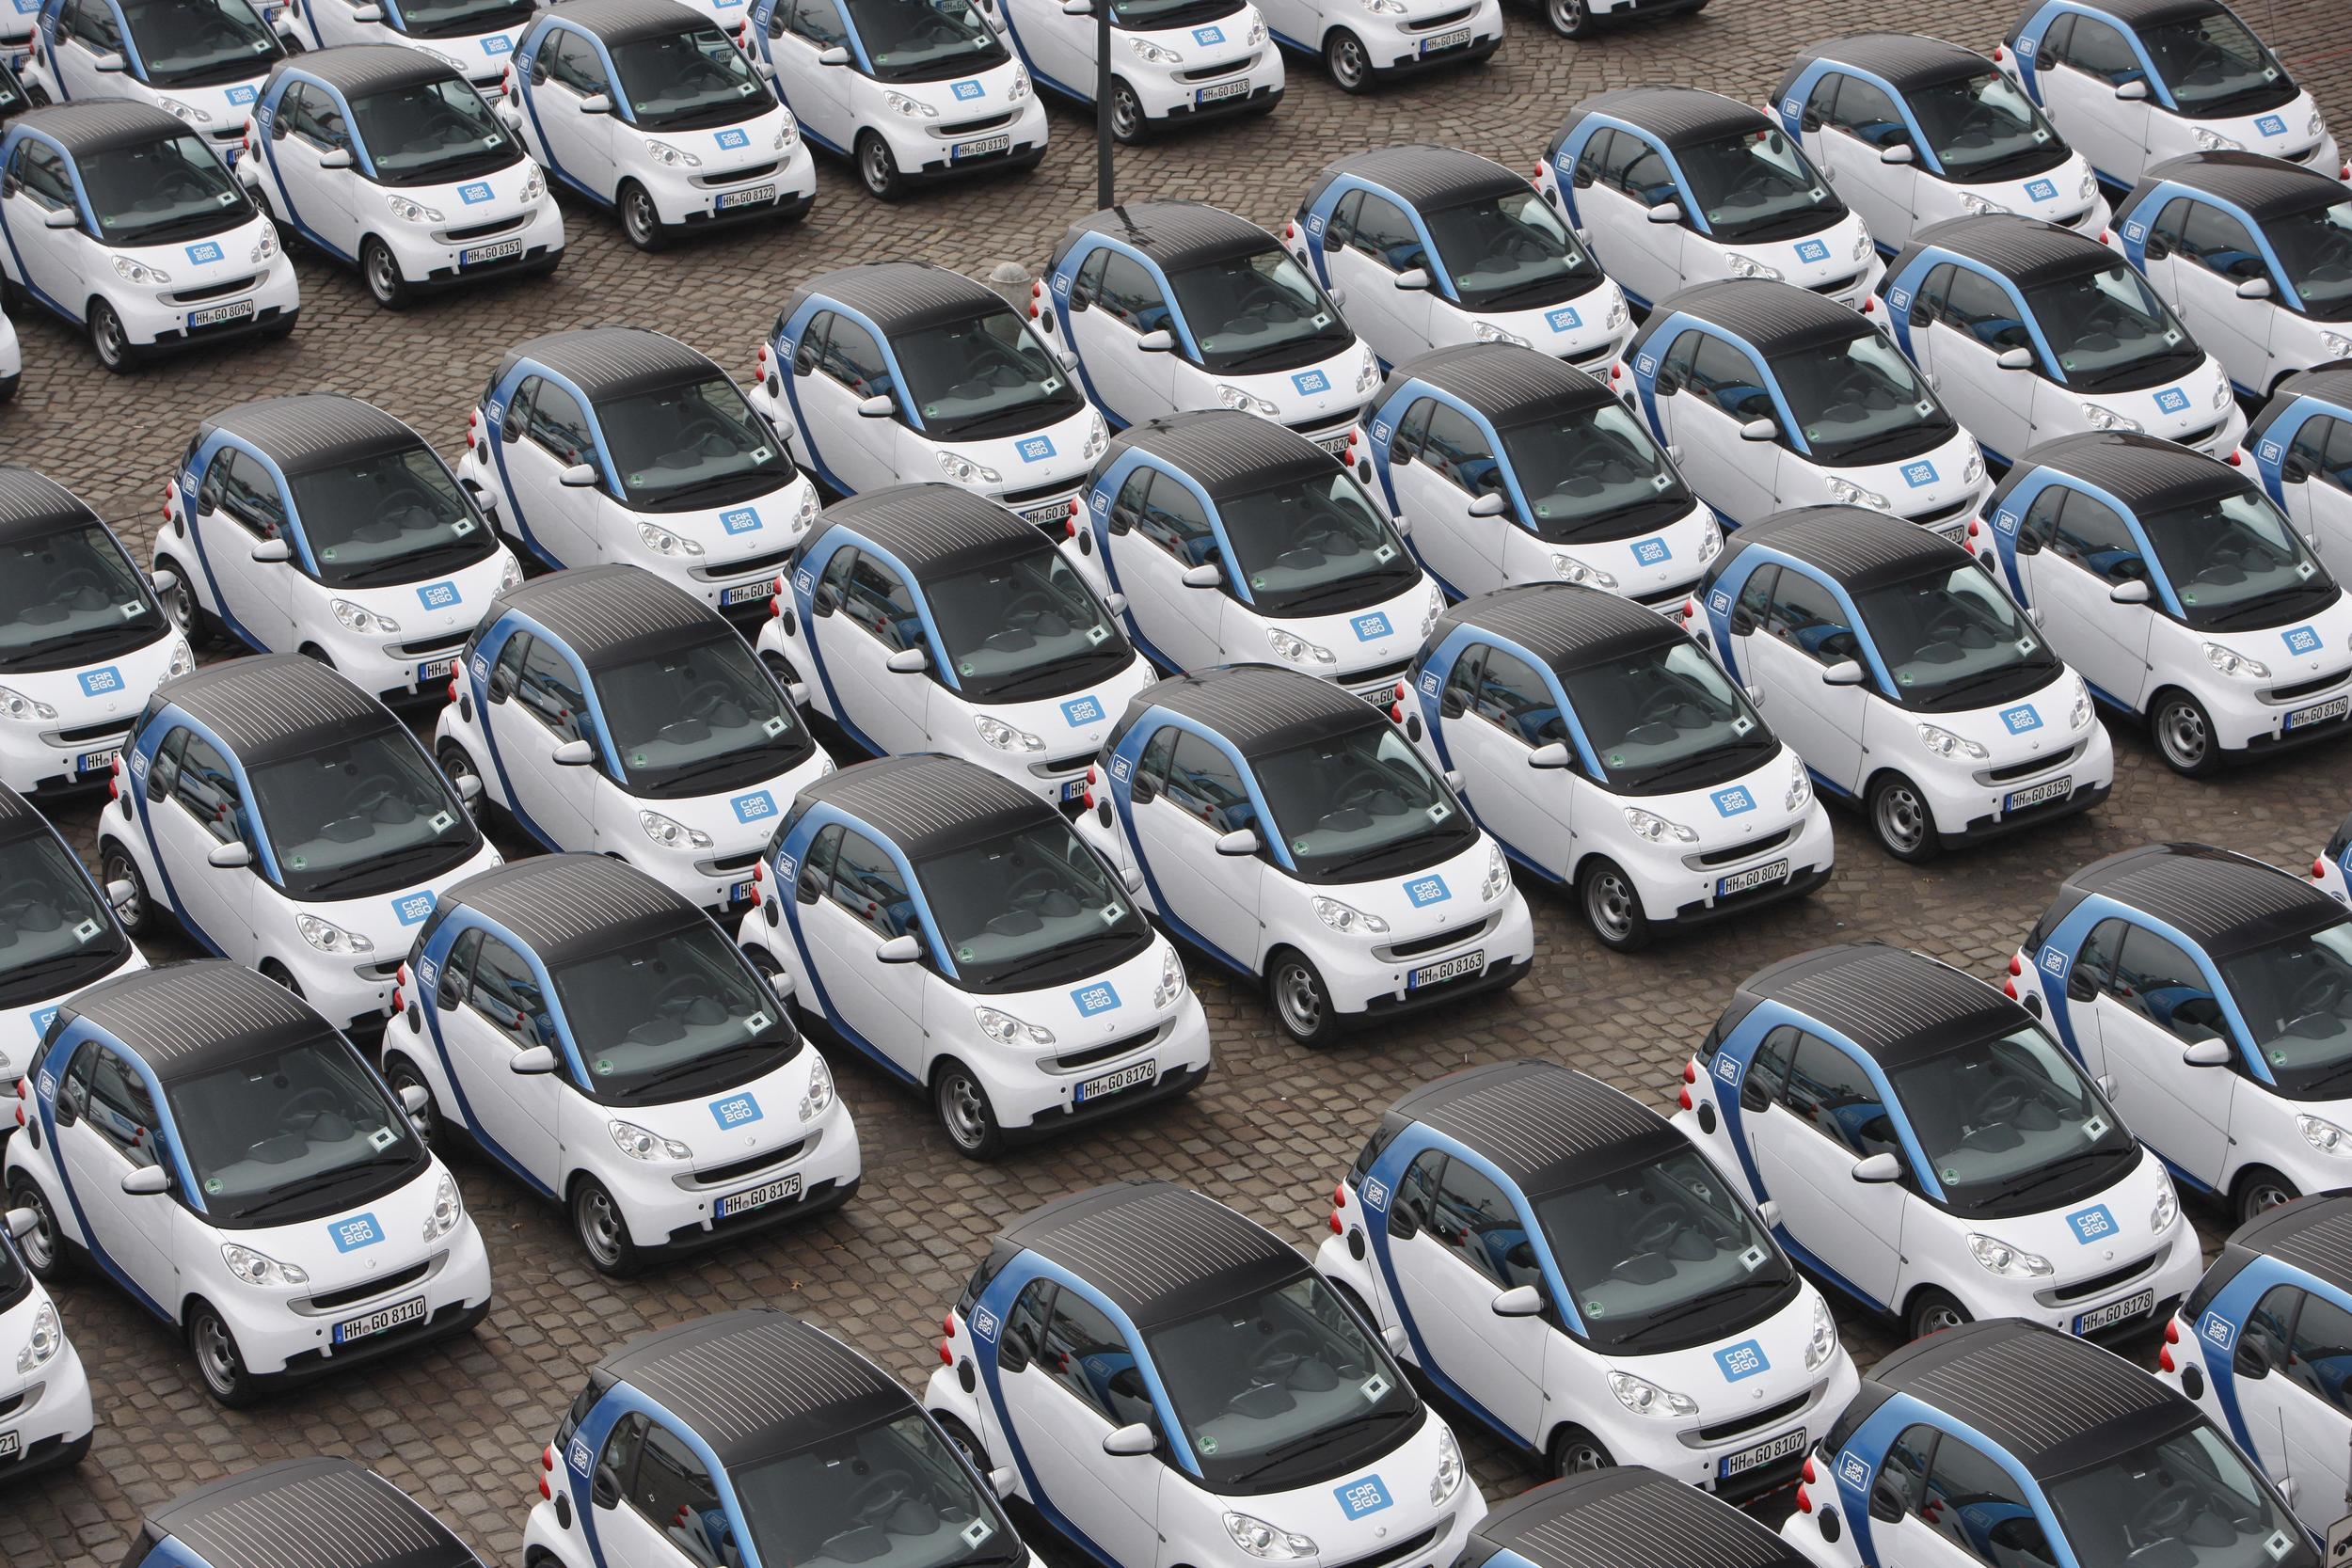 source: automotiveit.com